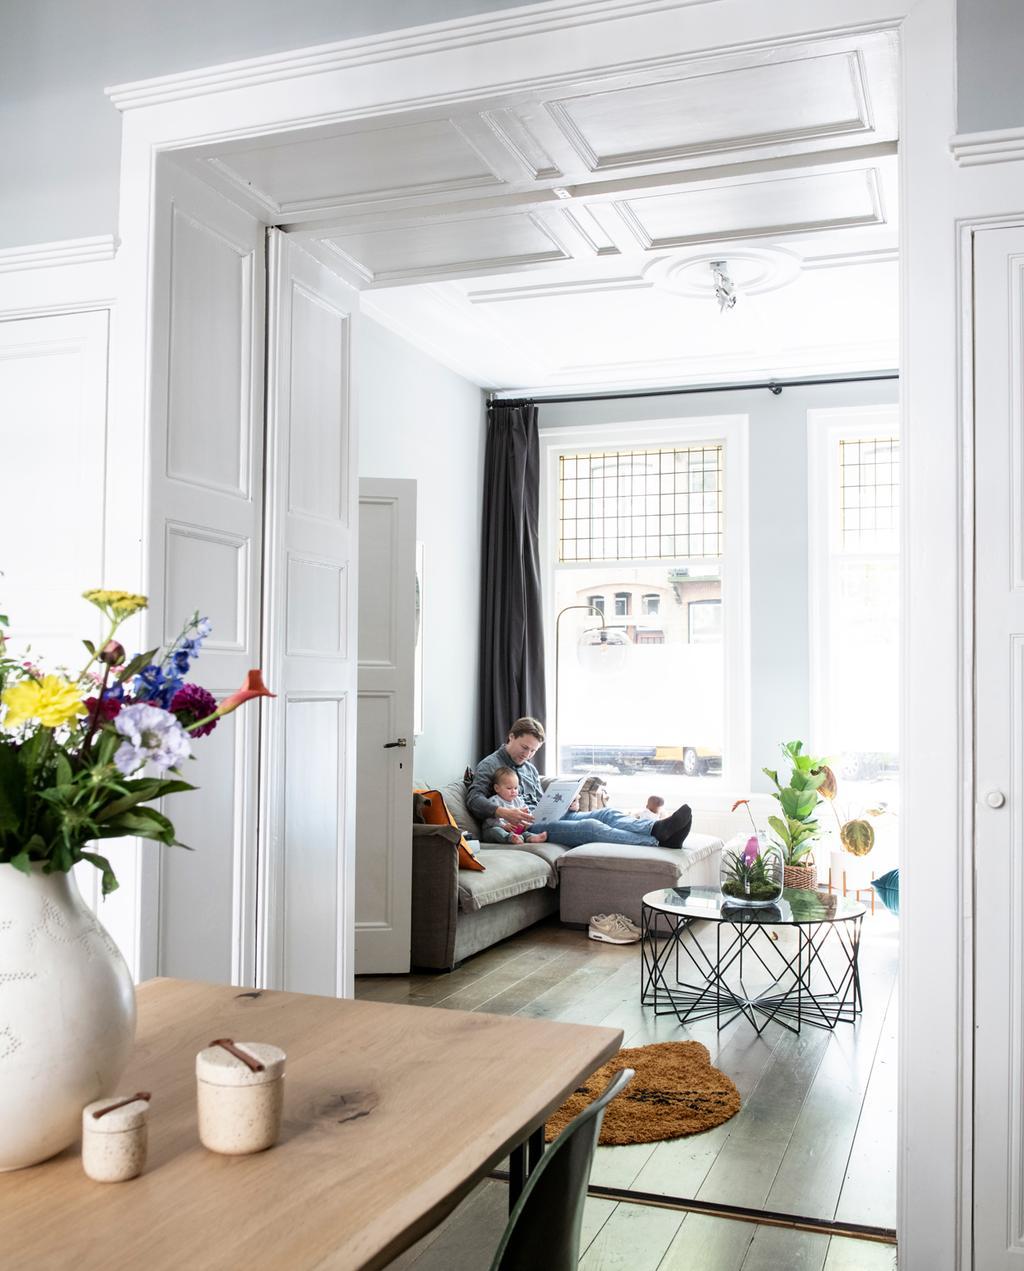 vtwonen 1-2020 | Binnenkijken in een benedenwoning in Amsterdam woonkamer met klassiek plafond